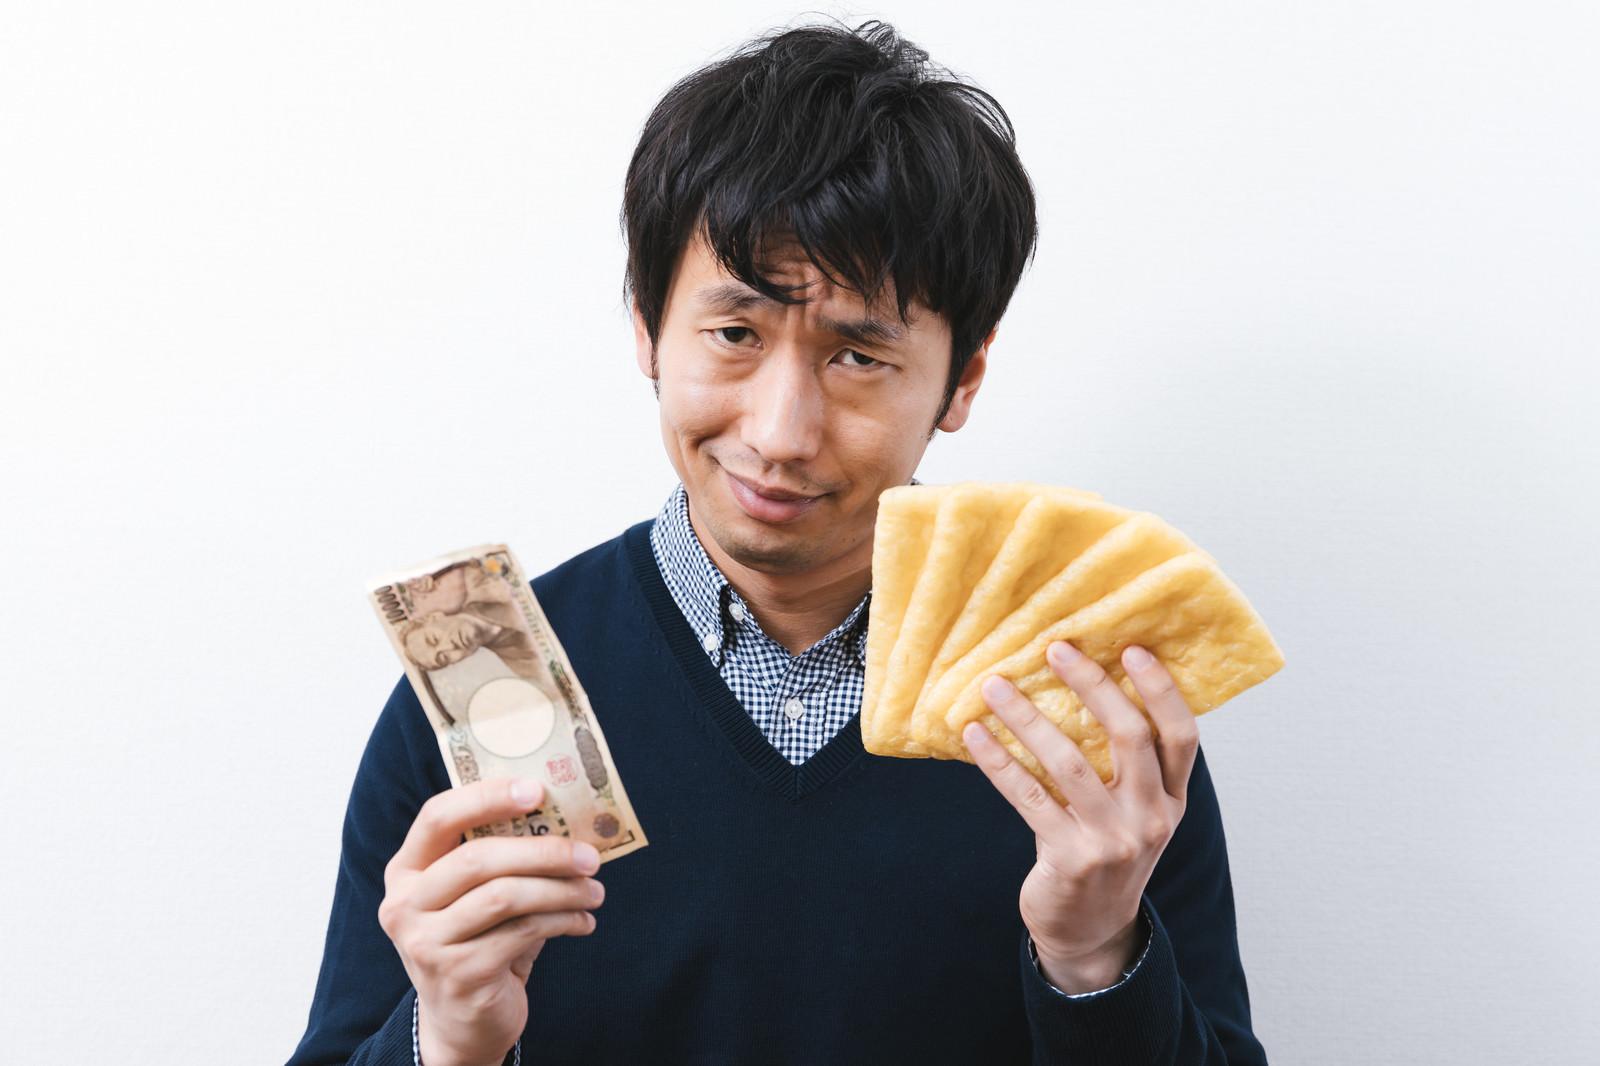 「油揚げを買い占める大富豪」の写真[モデル:大川竜弥]